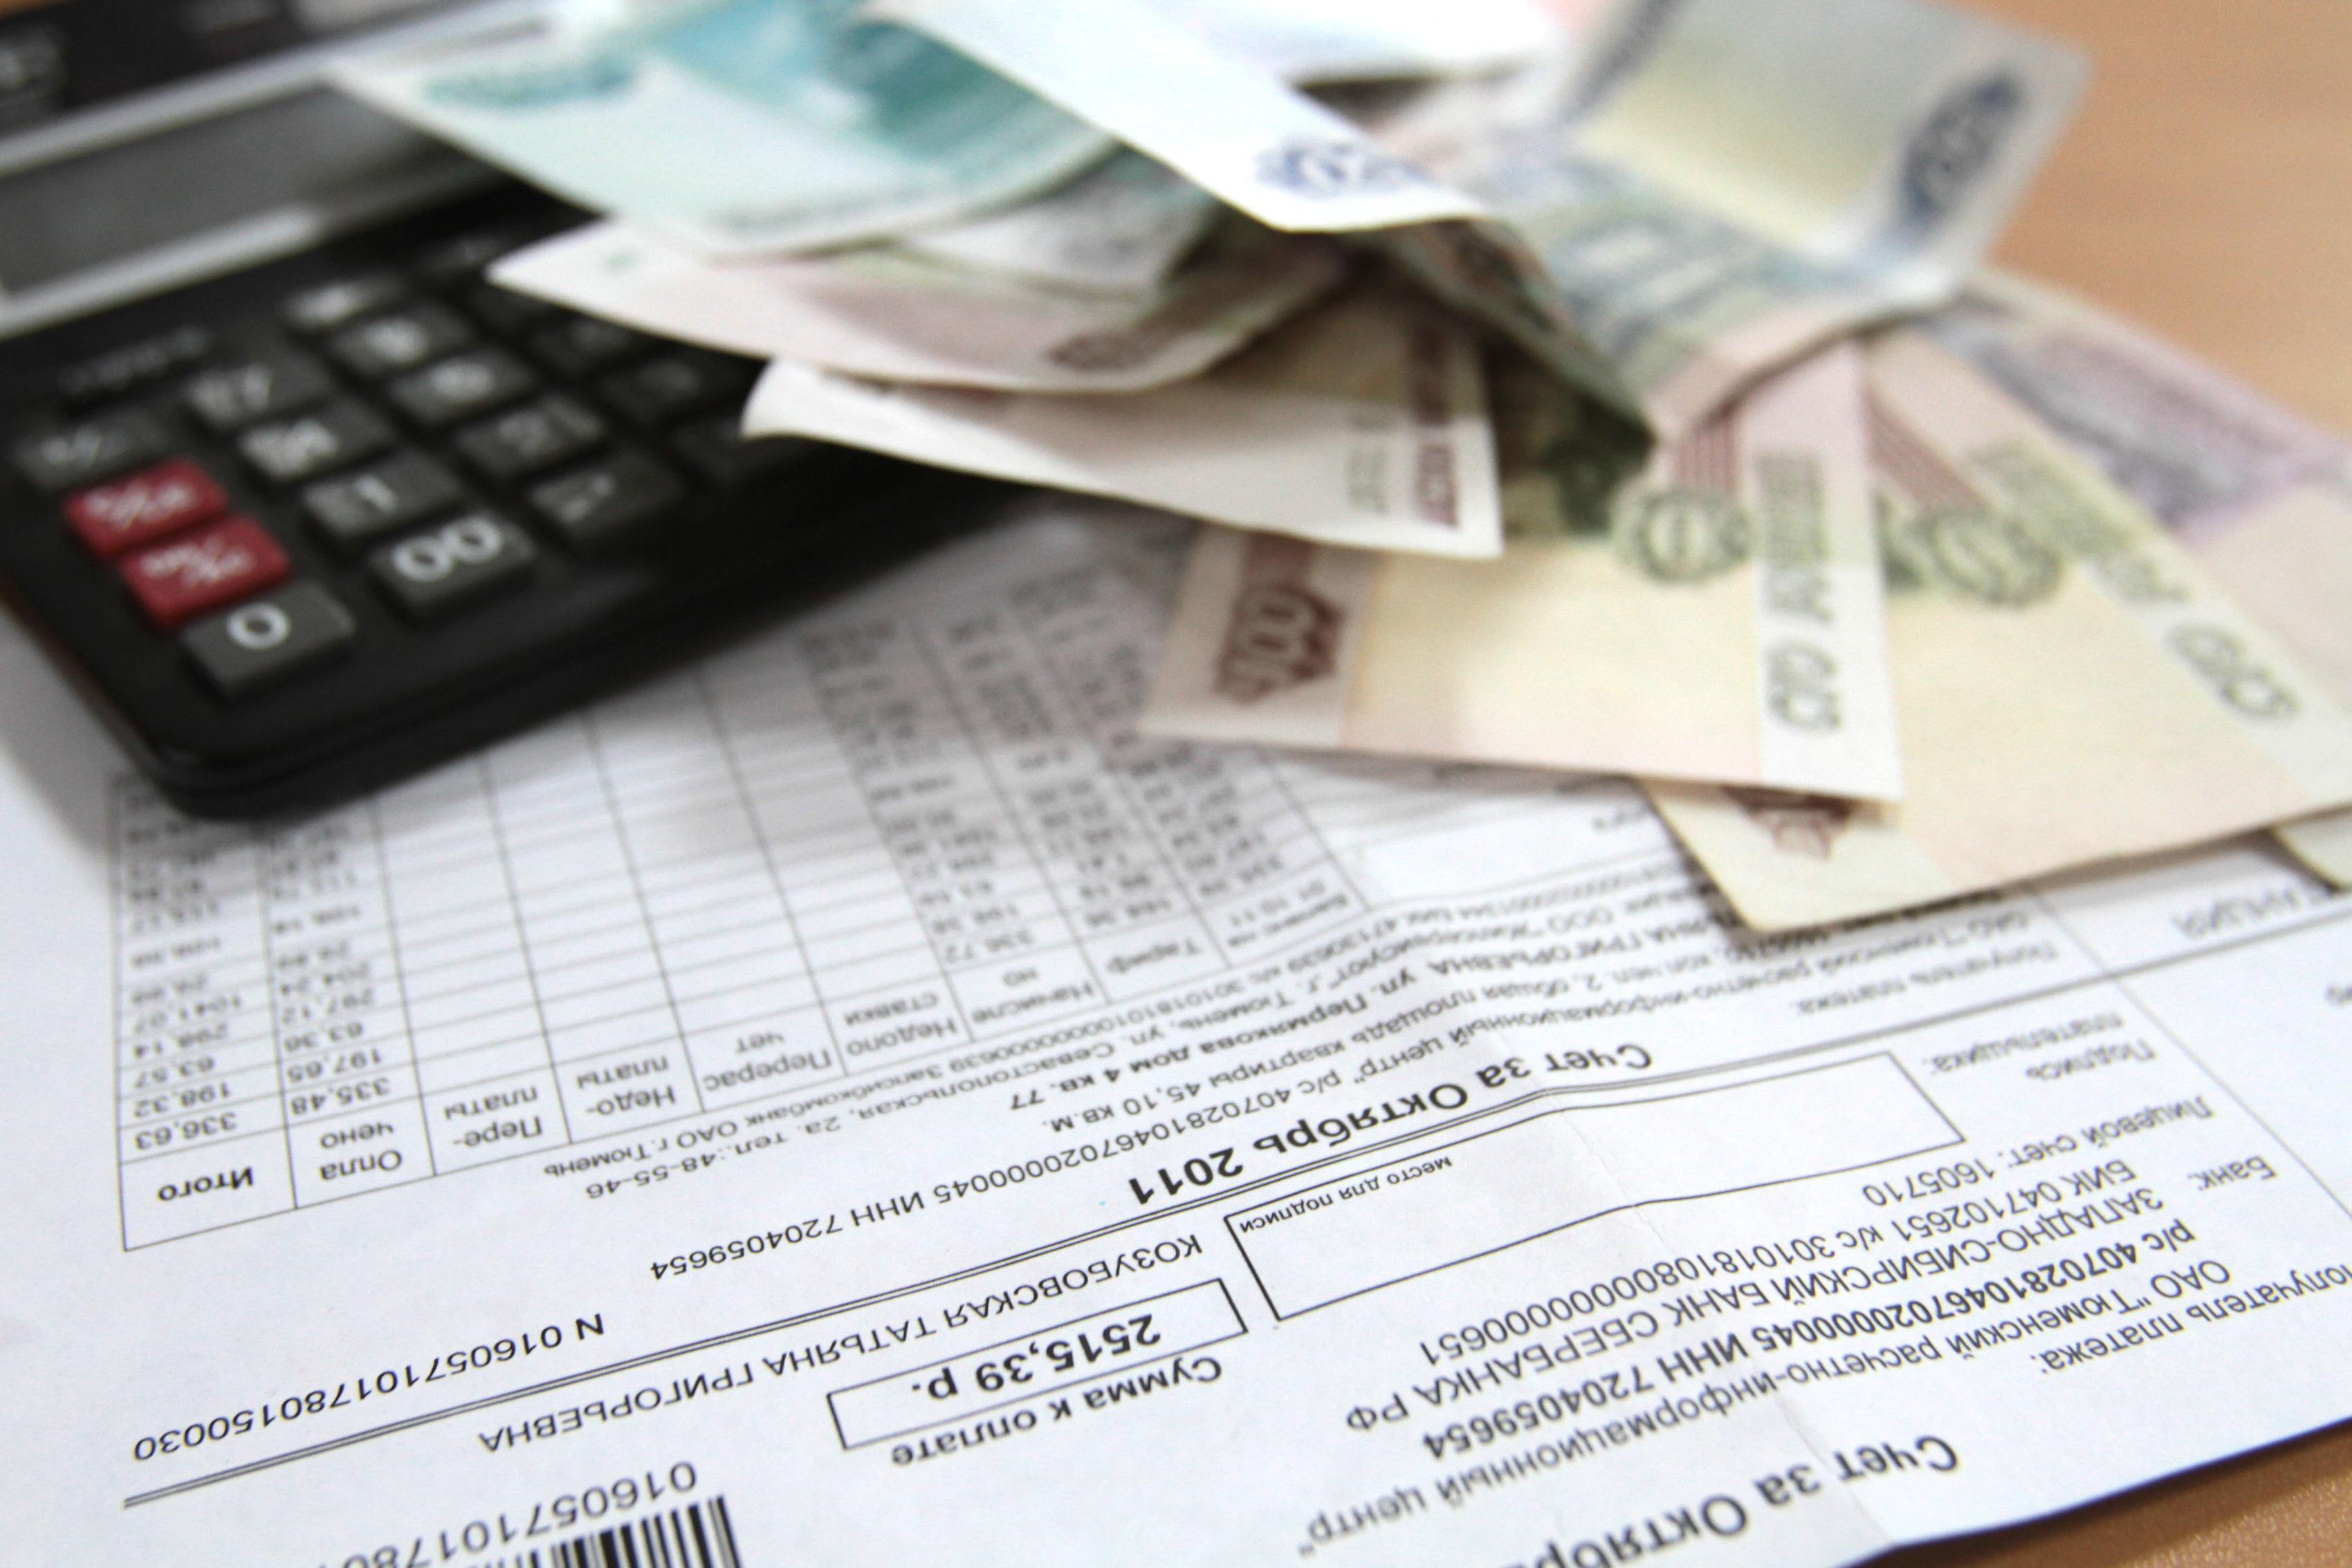 Страховая компания банкрот – куда обращаться и как получить свои деньги?